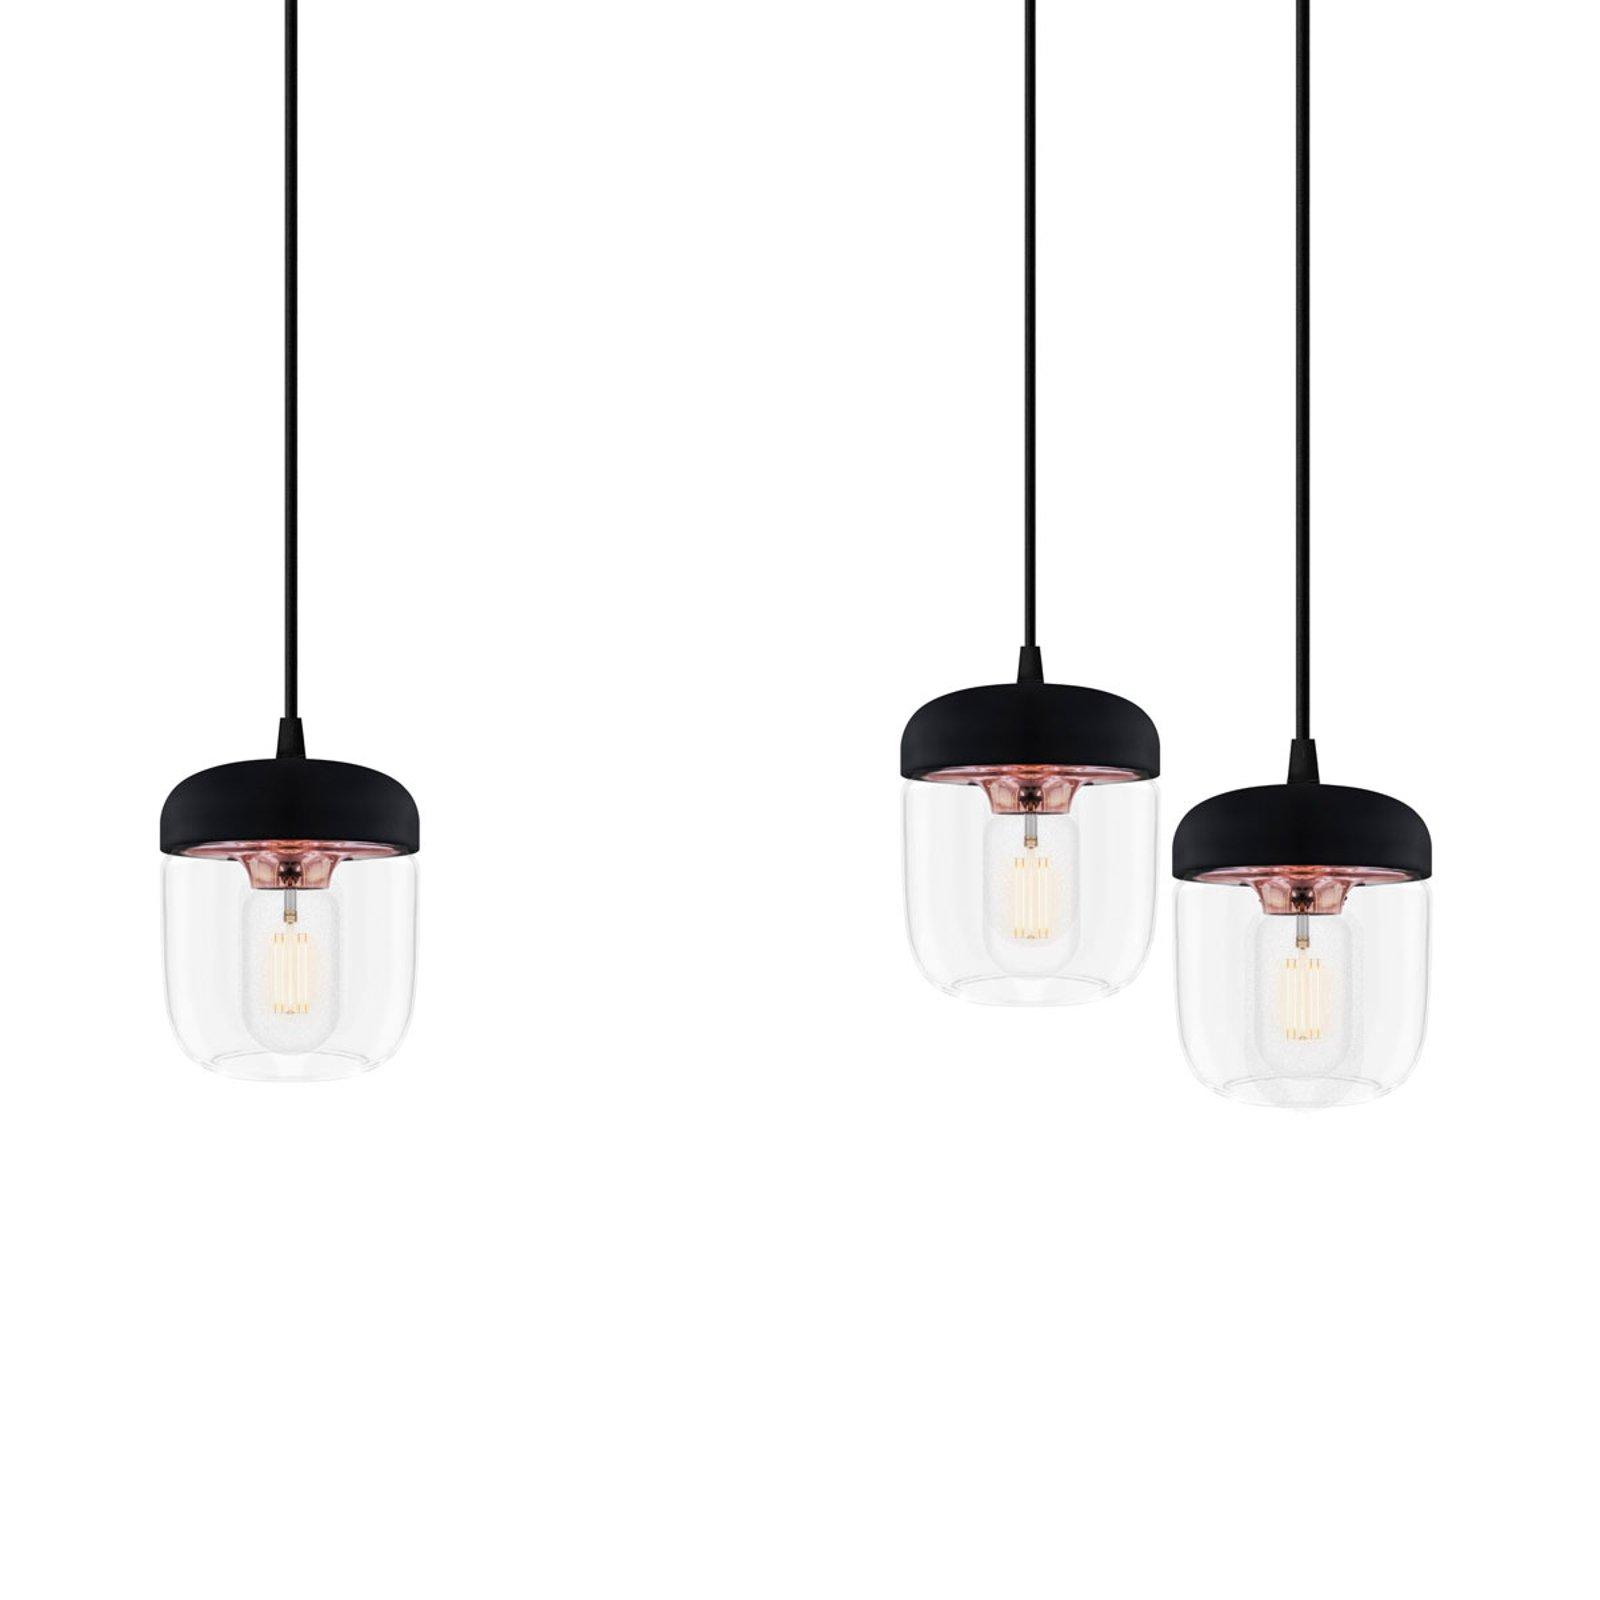 Pendellampe Acorn, svart og kobber - 3 lyskilder